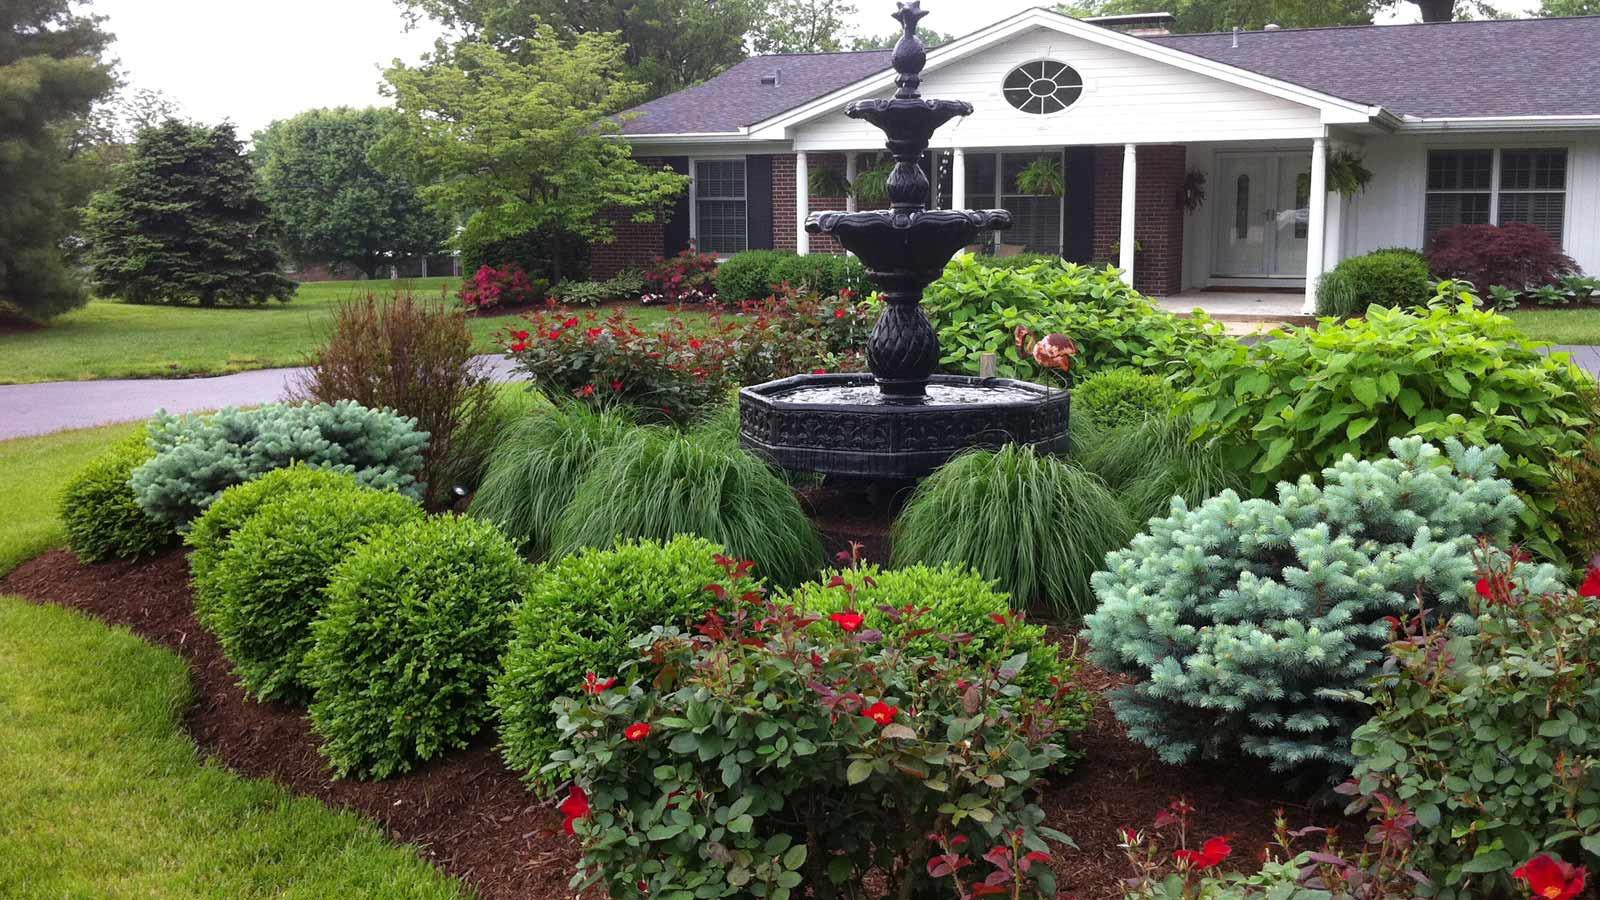 Residential Landscape Design  Residential Landscape Landscaping Residential Design